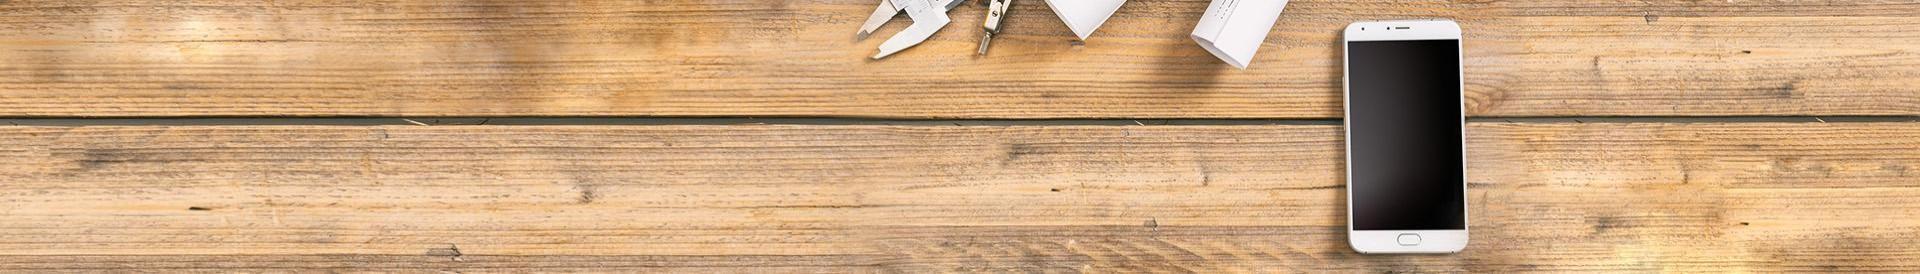 Biały smartfon na drewnianym stole obok narzędzi projektowych